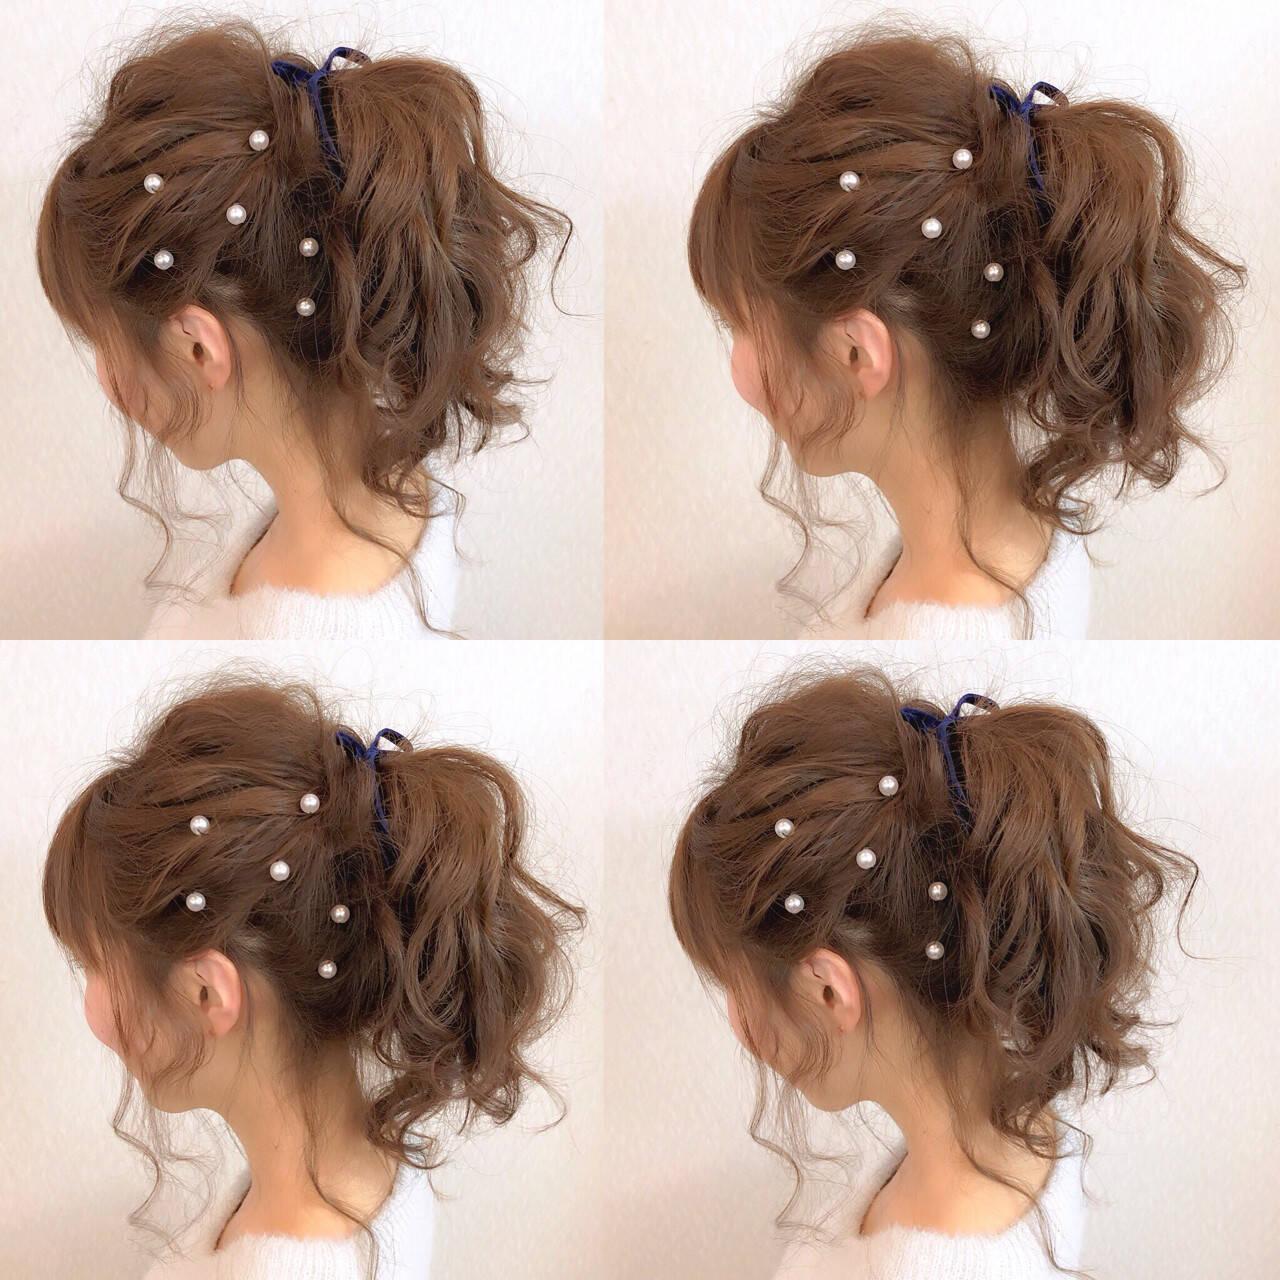 簡単ヘアアレンジ フェミニン ミディアム ポニーテールヘアスタイルや髪型の写真・画像